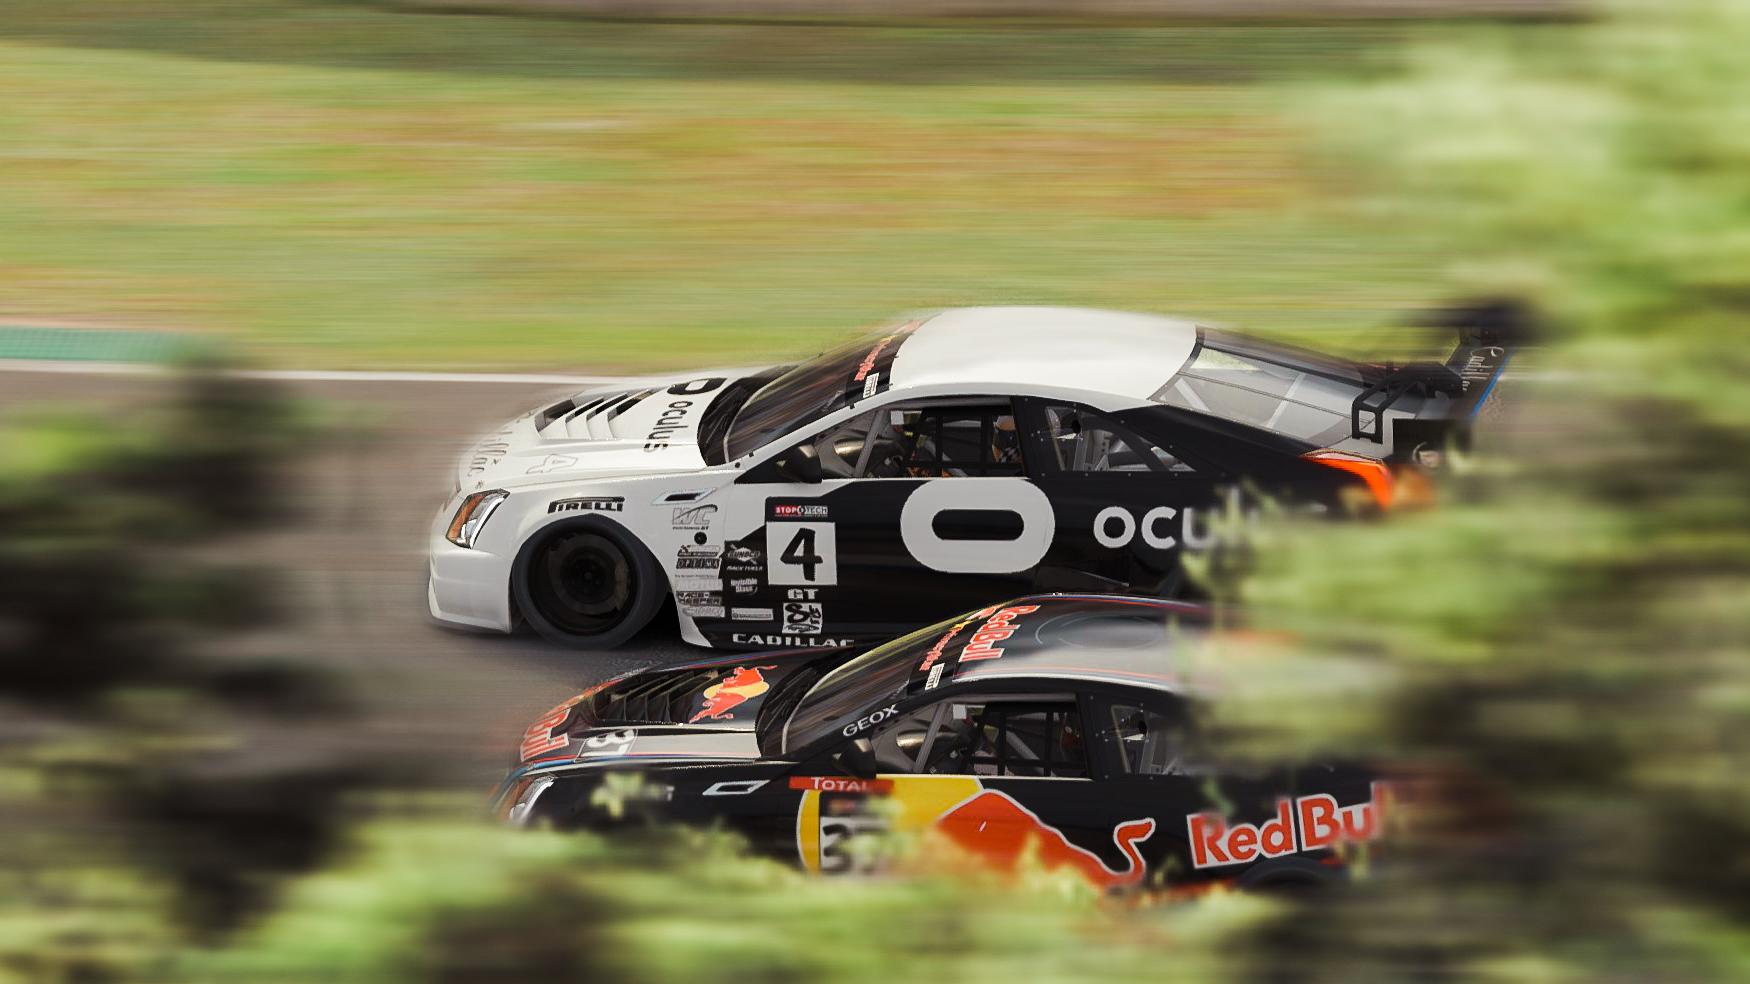 RS-gt20-race-4-okayama-lr-9.jpg